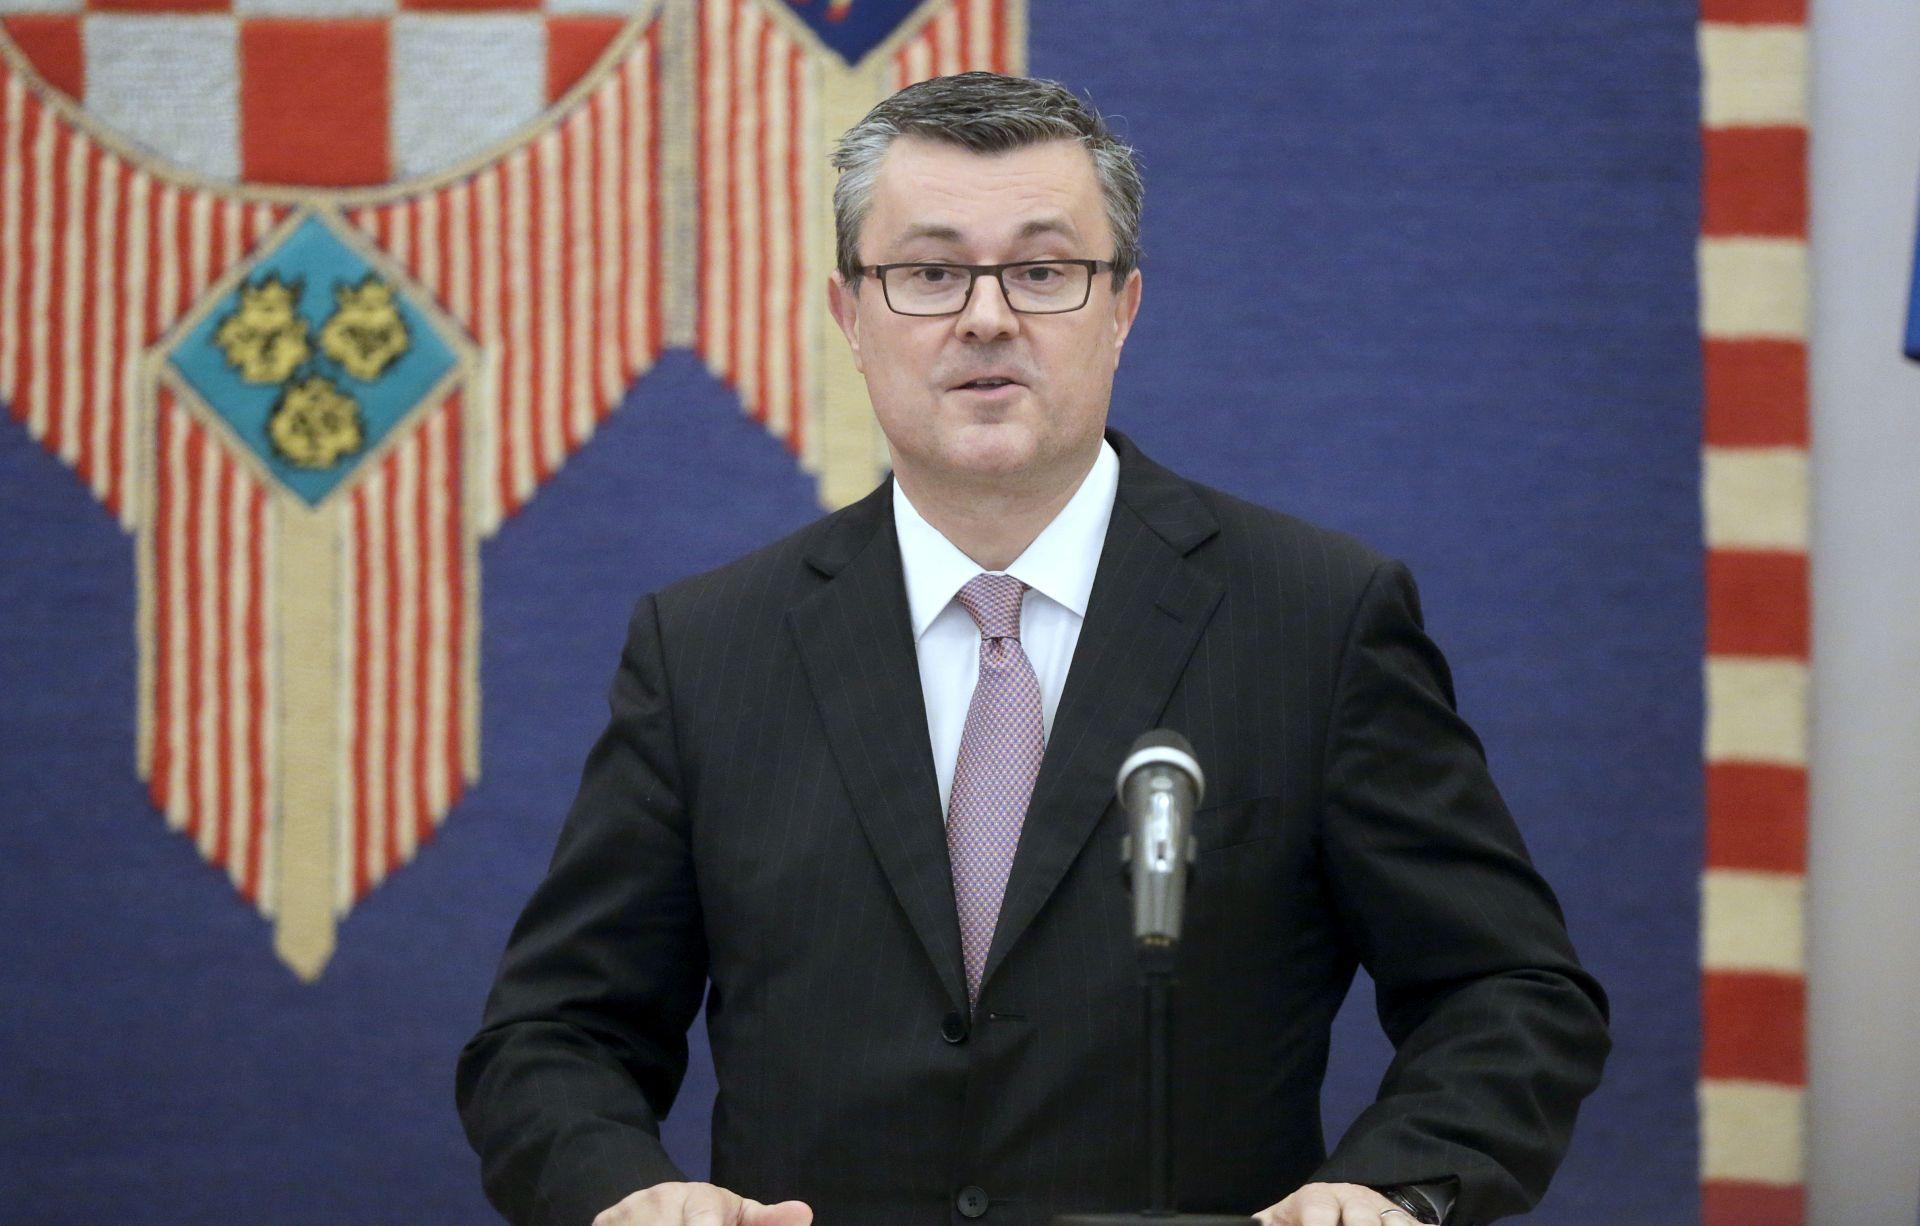 Orešković: Fiskalni sam konzervativac i politički centrist, odmah poslije Nove godine biram Vladu